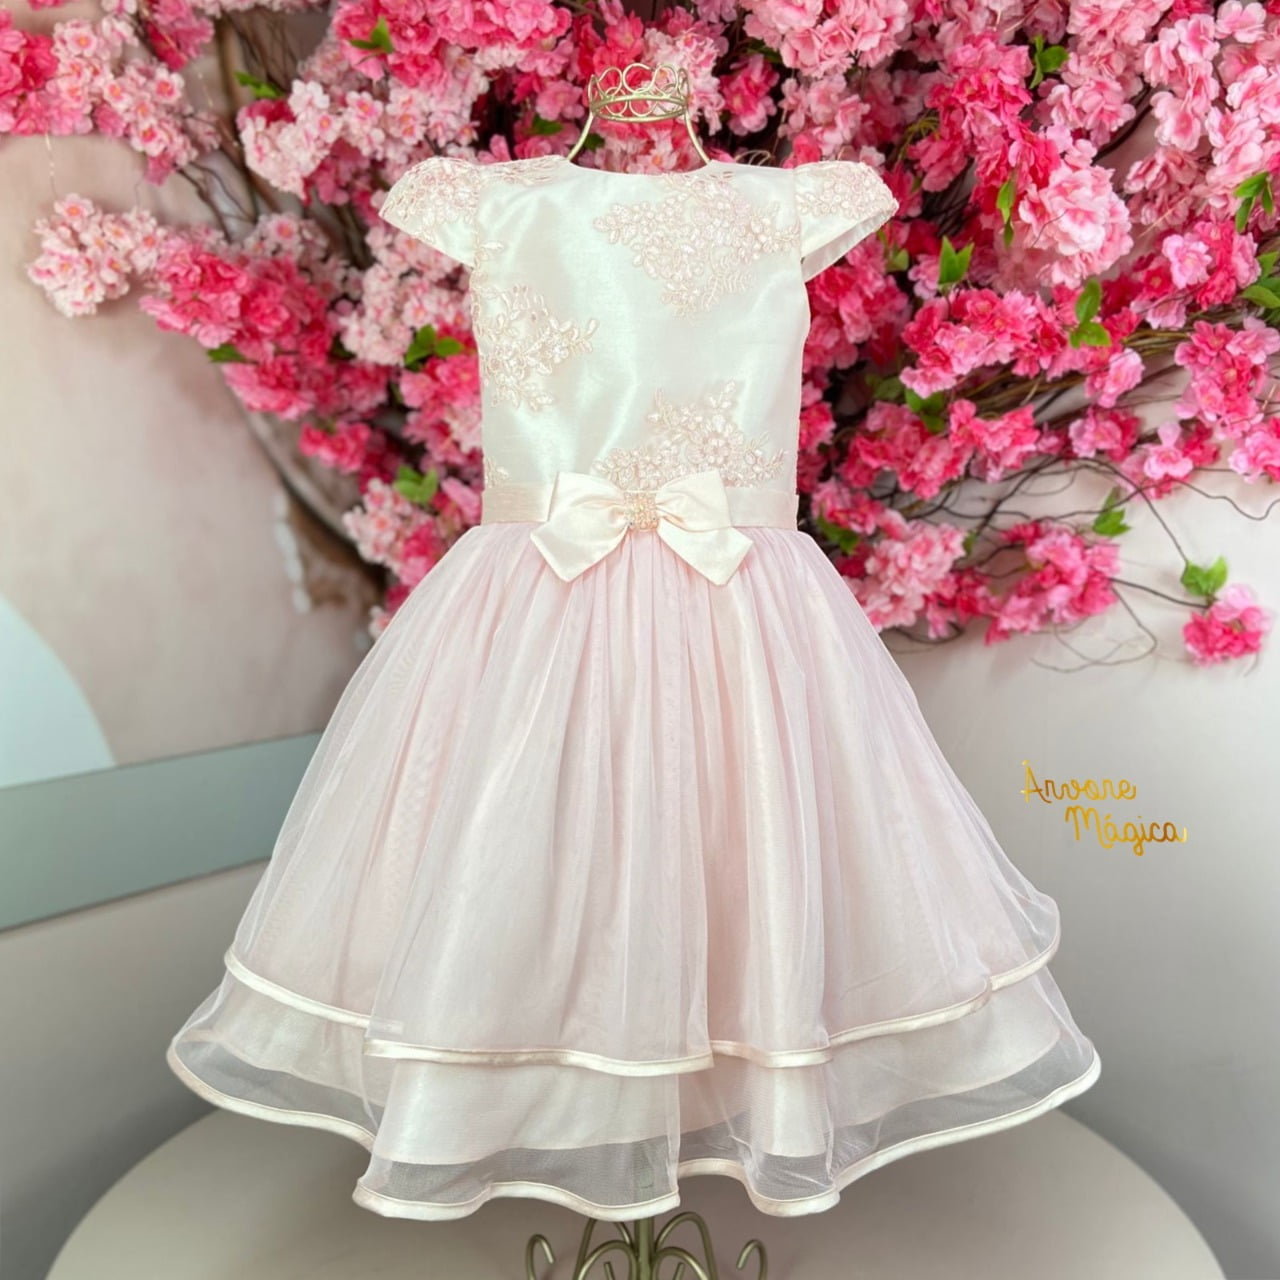 Vestido de Festa Infantil Rosa Tule Kids Petit Cherie